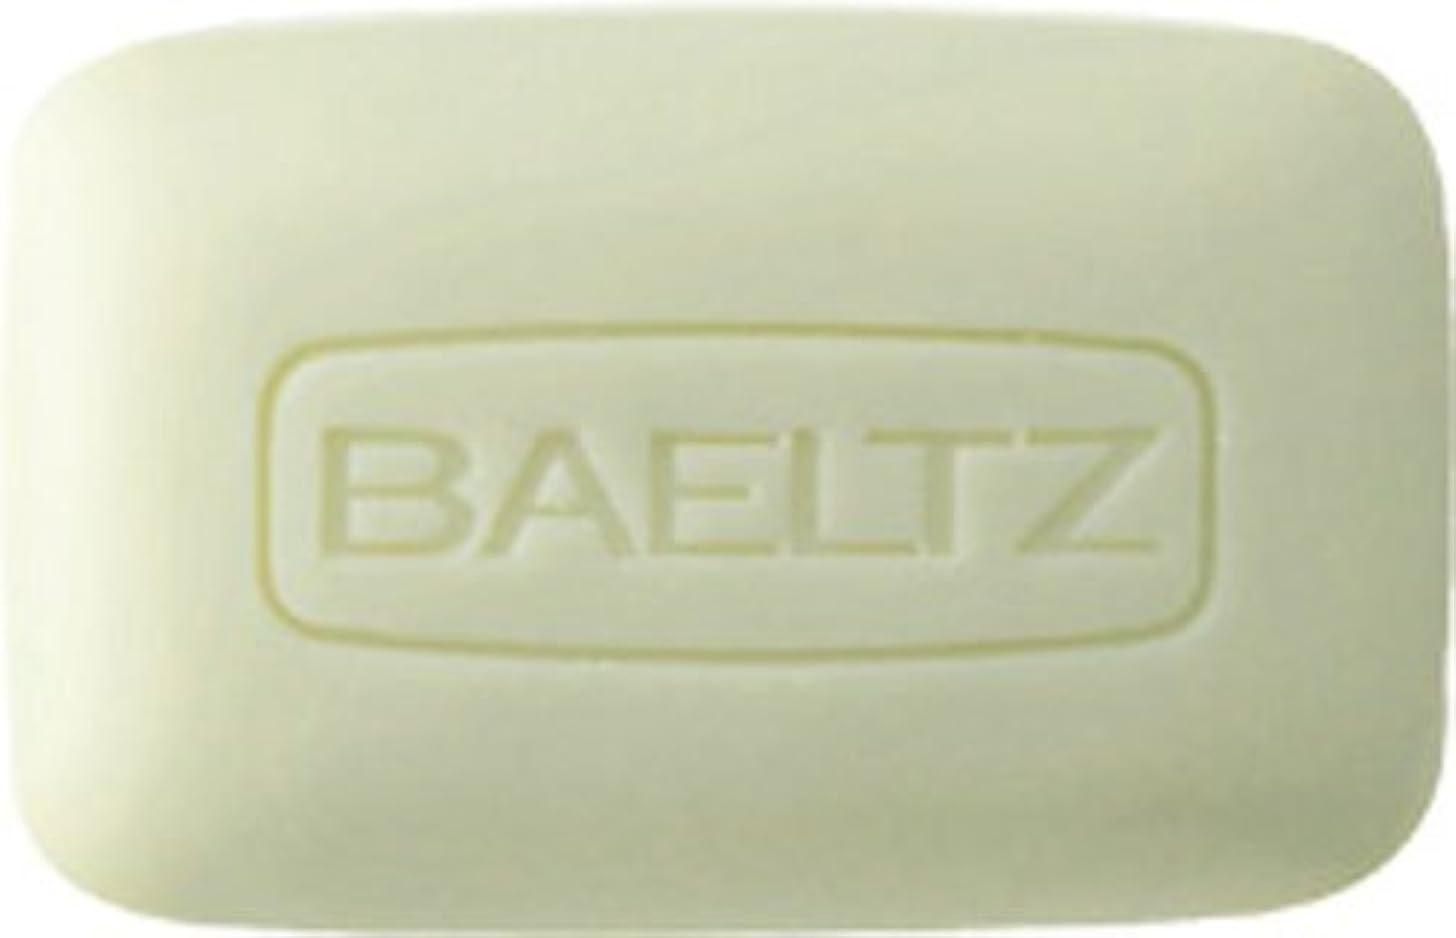 裸熱狂的なベールドクターベルツ(Dr.BAELTZ) モイスチュアソープ DN 80g(洗顔石けん)